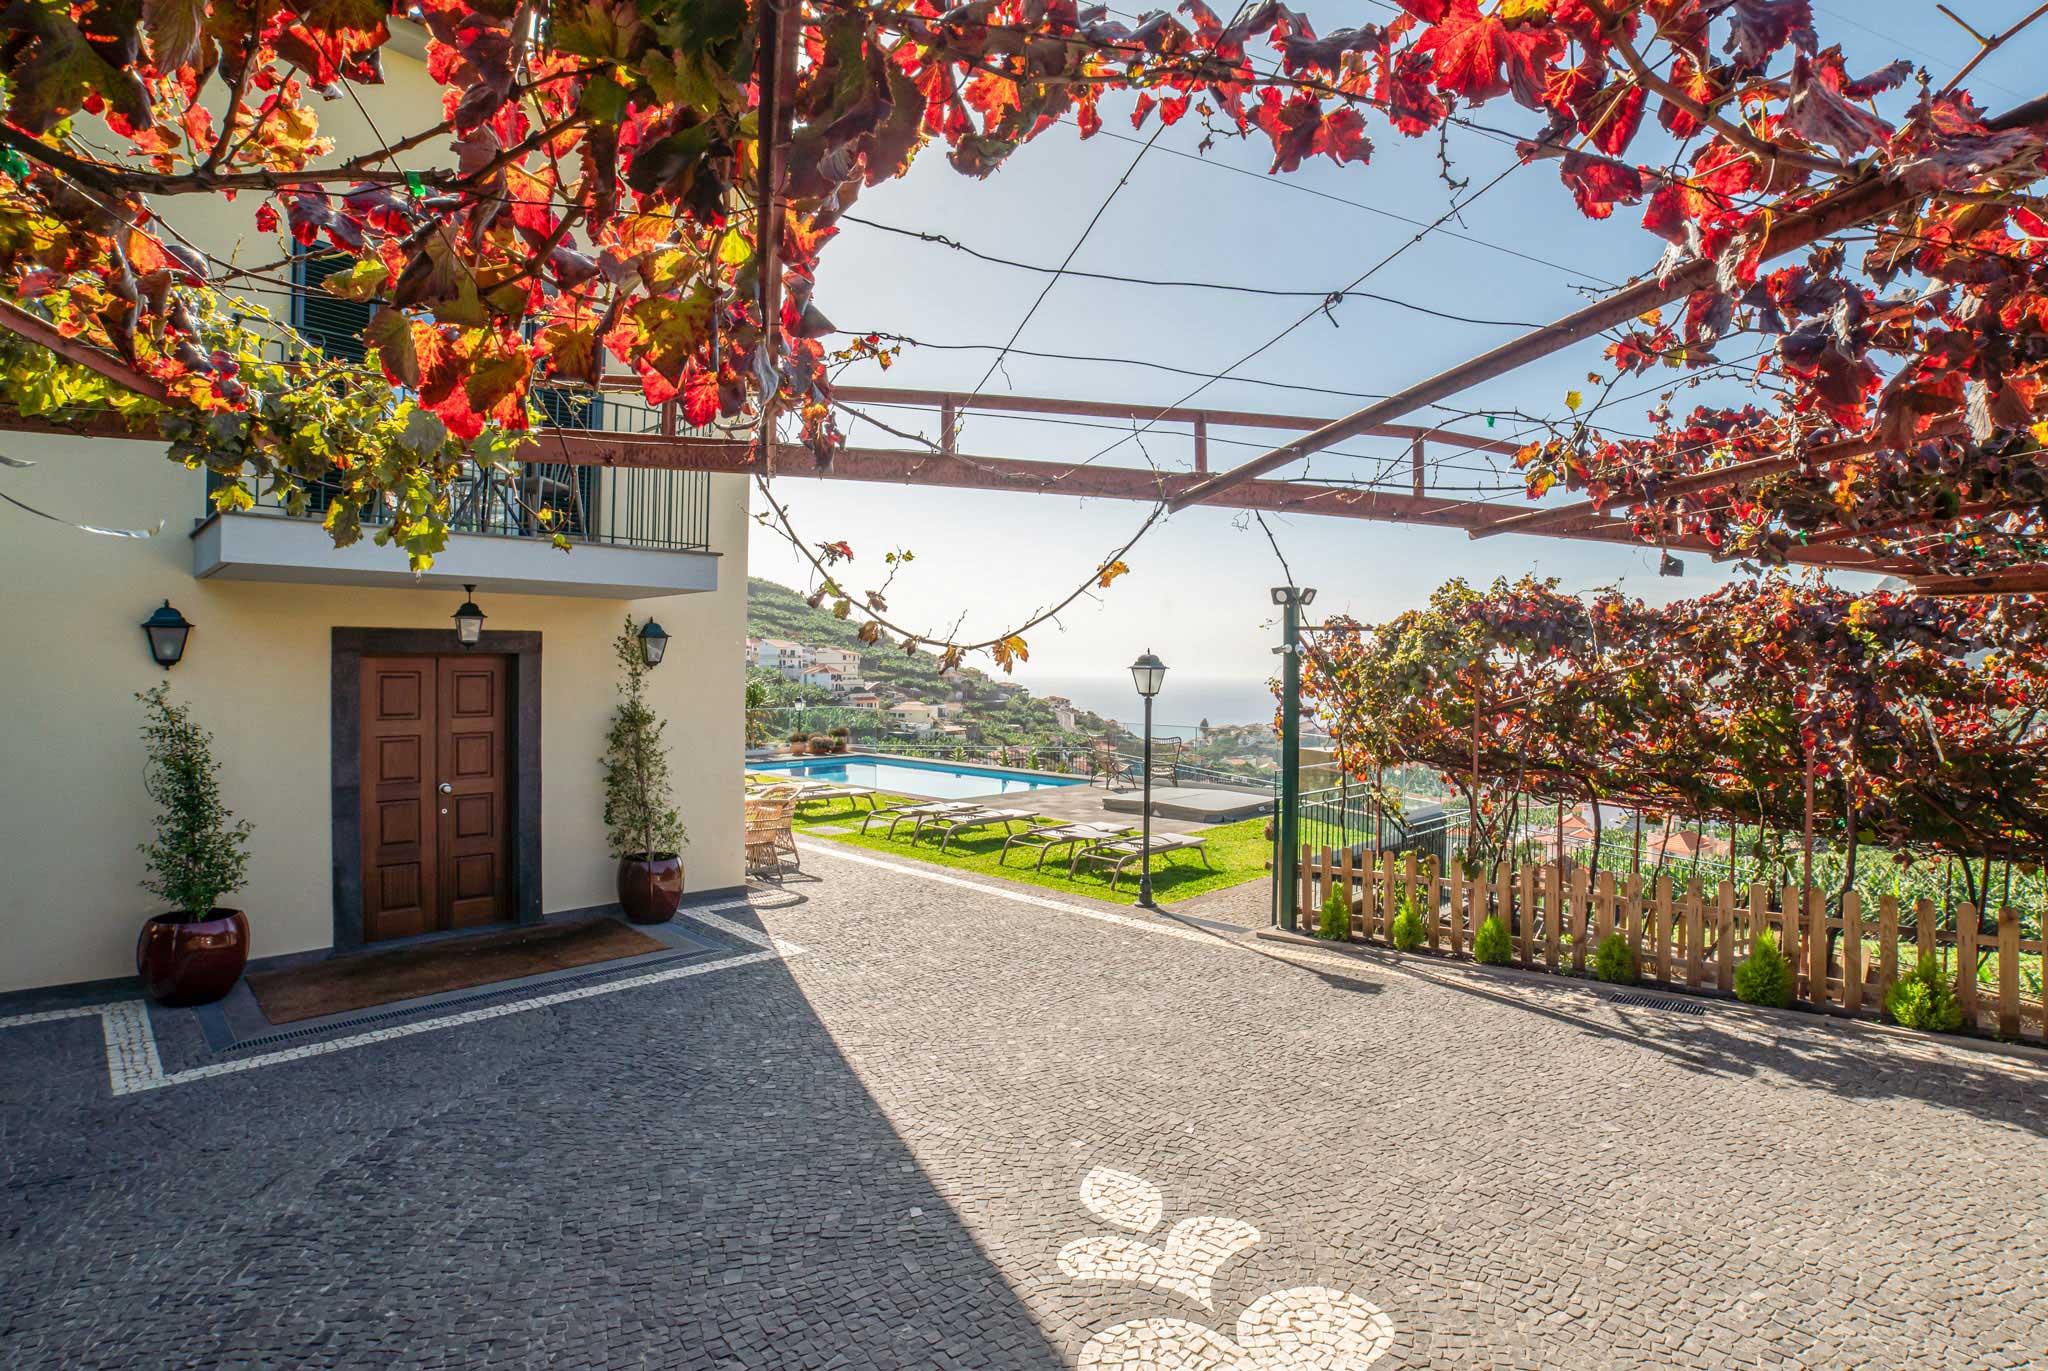 Quinta da Saraiva